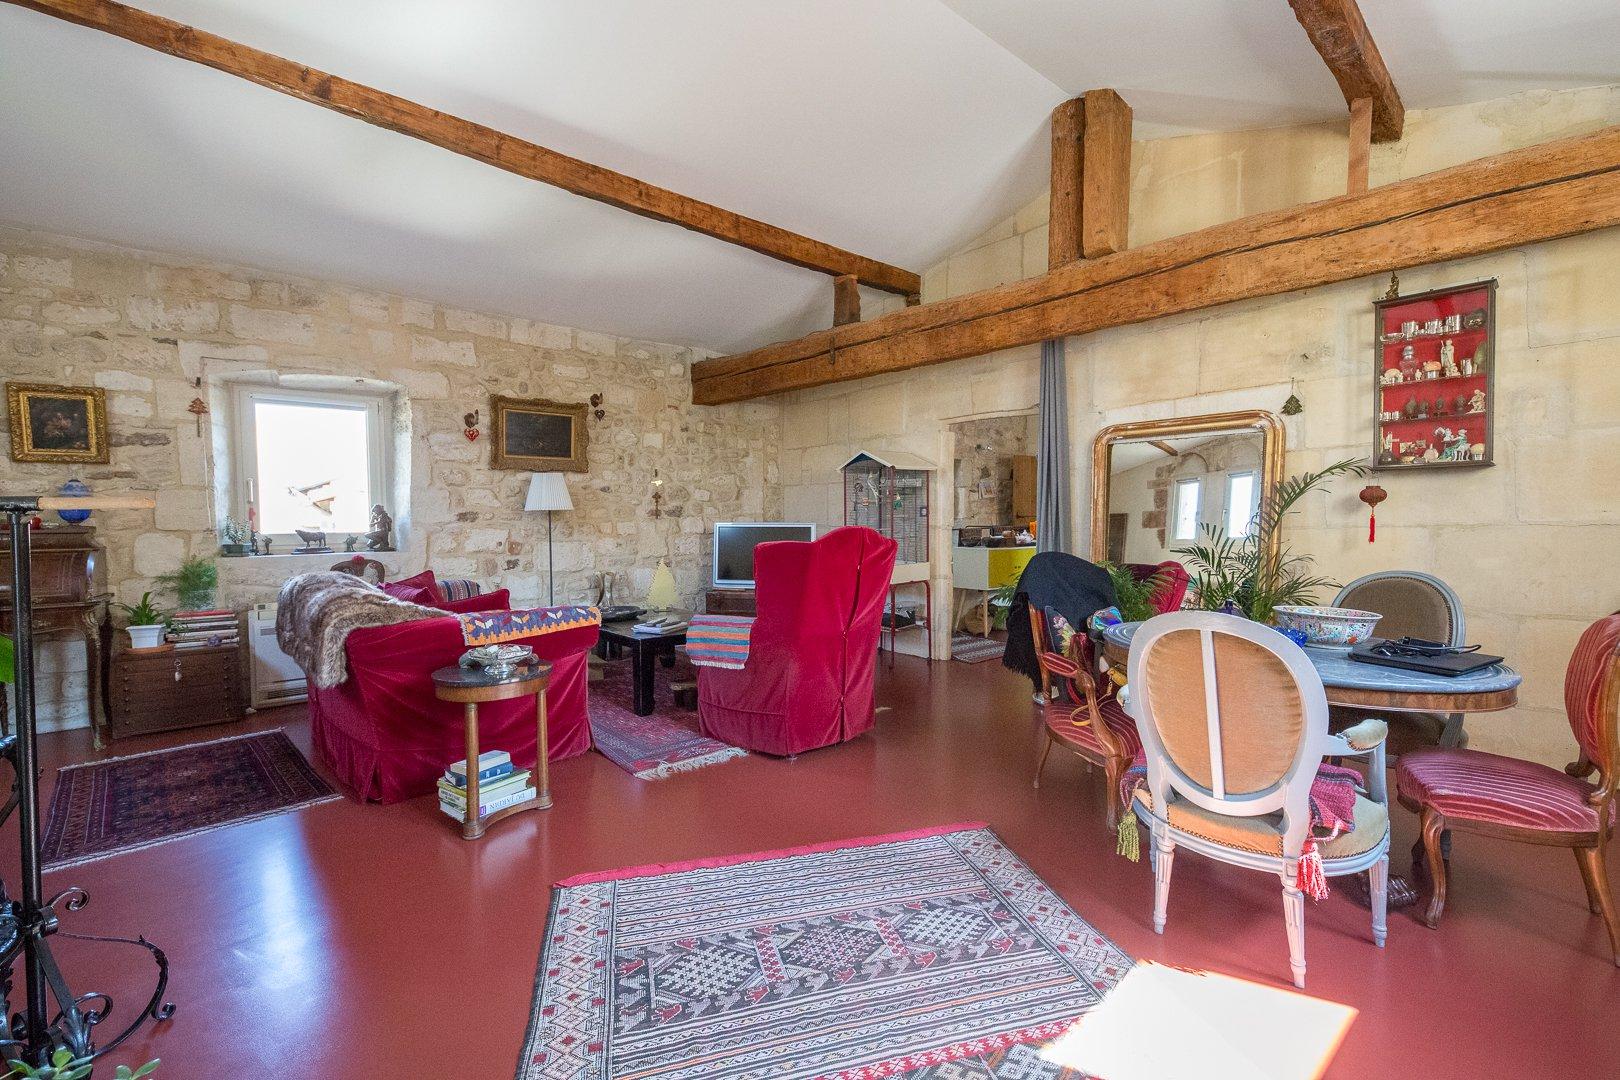 Vente Maison 3 chambres et terrasse Arles - La Roquette